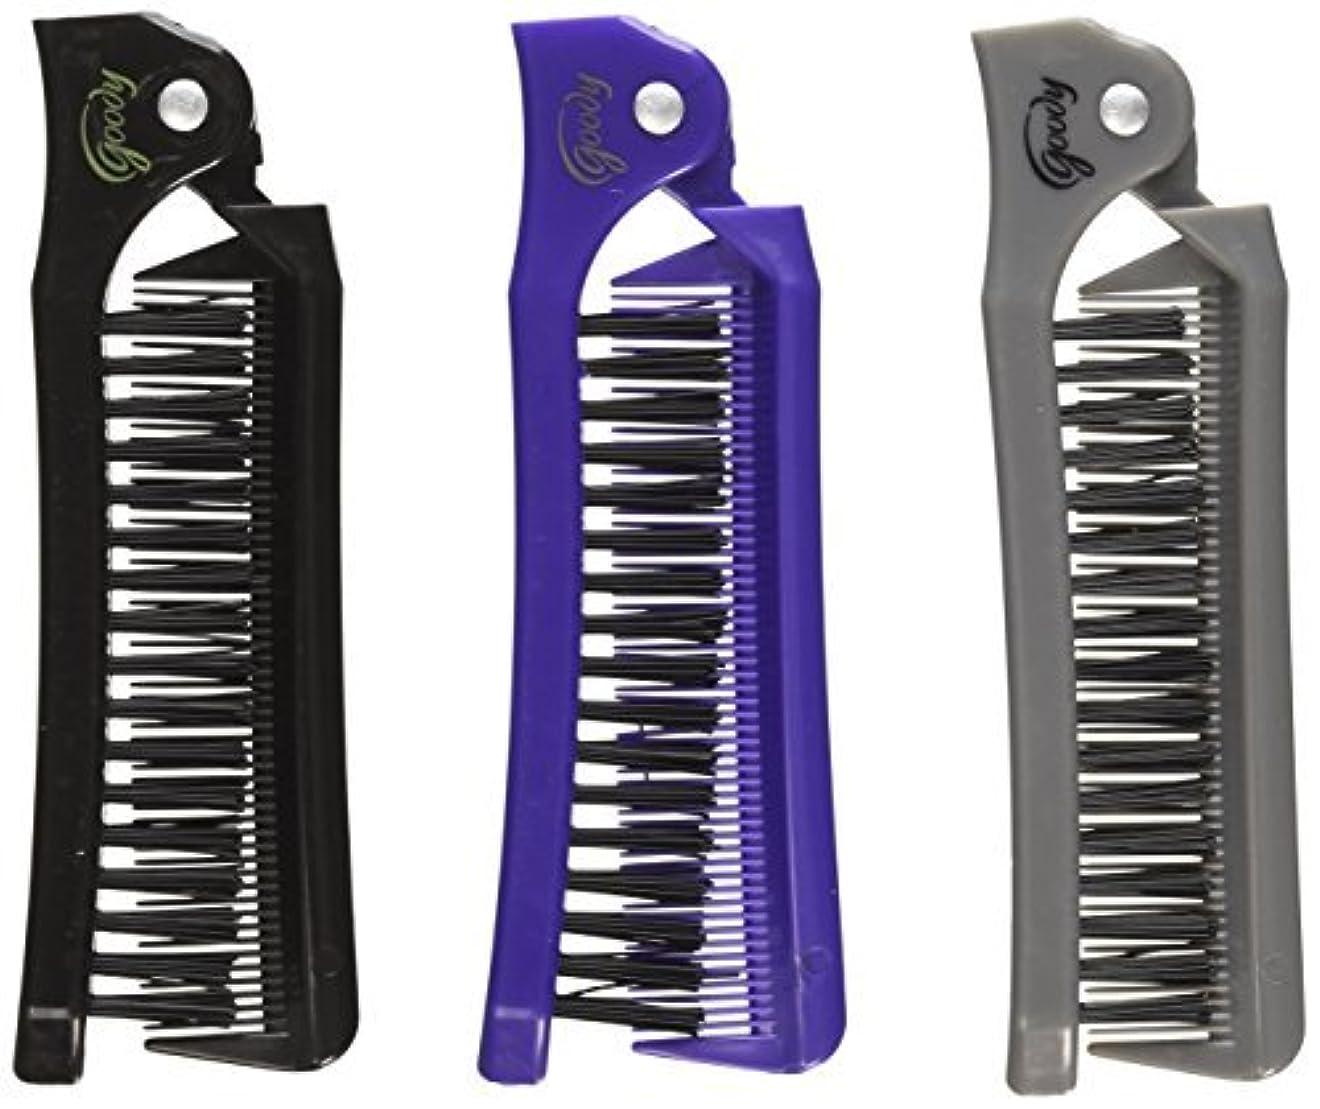 縫い目止まる砦Goody Style On The Go Folding Brush & Comb, Colors May Vary 1 ea (Pack of 3) [並行輸入品]